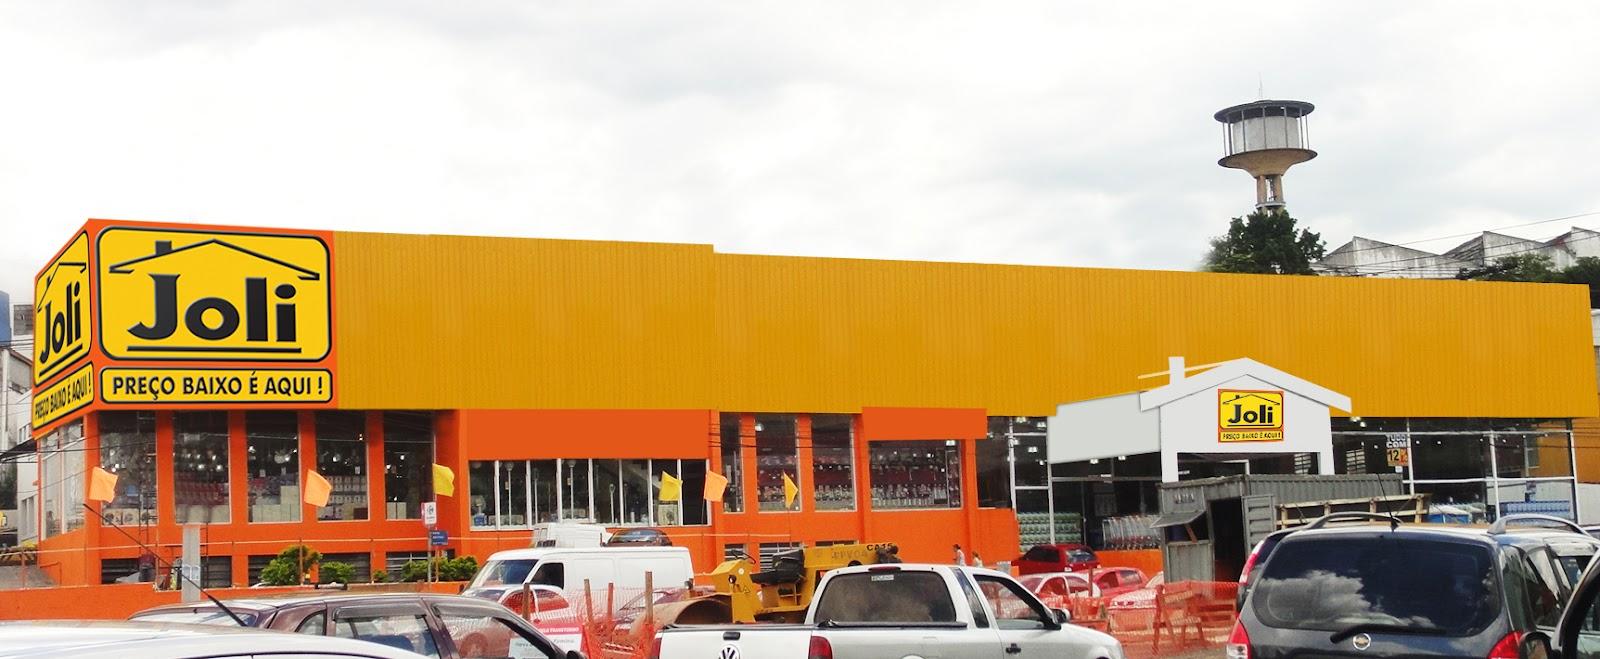 44ae153bb ... inaugurou uma nova filial na grande São Paulo. O novo estabelecimento  fica em São Bernado do Campo, no bairro Assunção e é a primeira loja ...